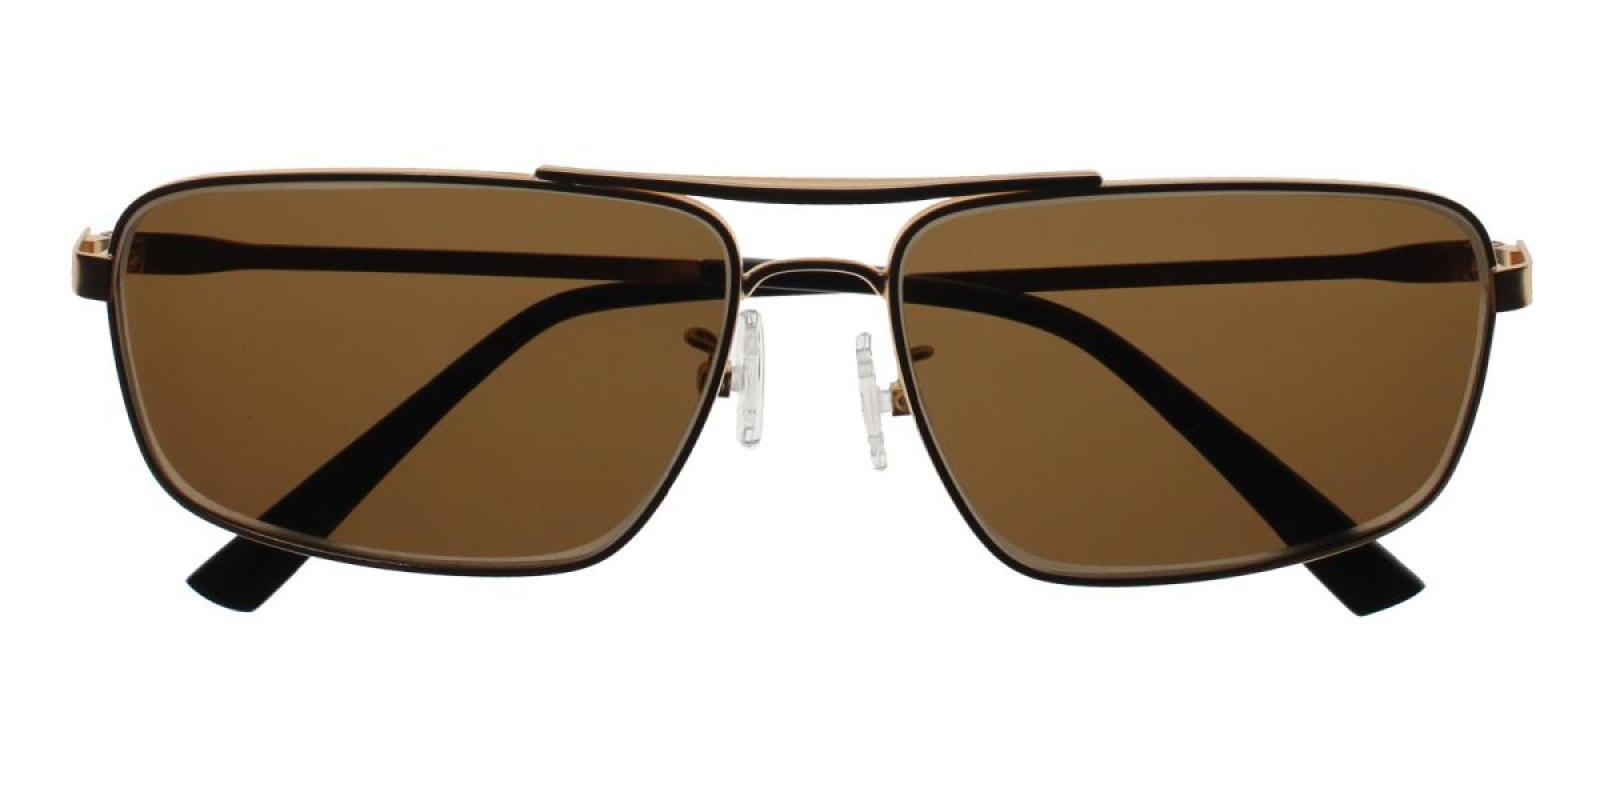 Santorini-Gold-Aviator-Metal-Sunglasses-detail